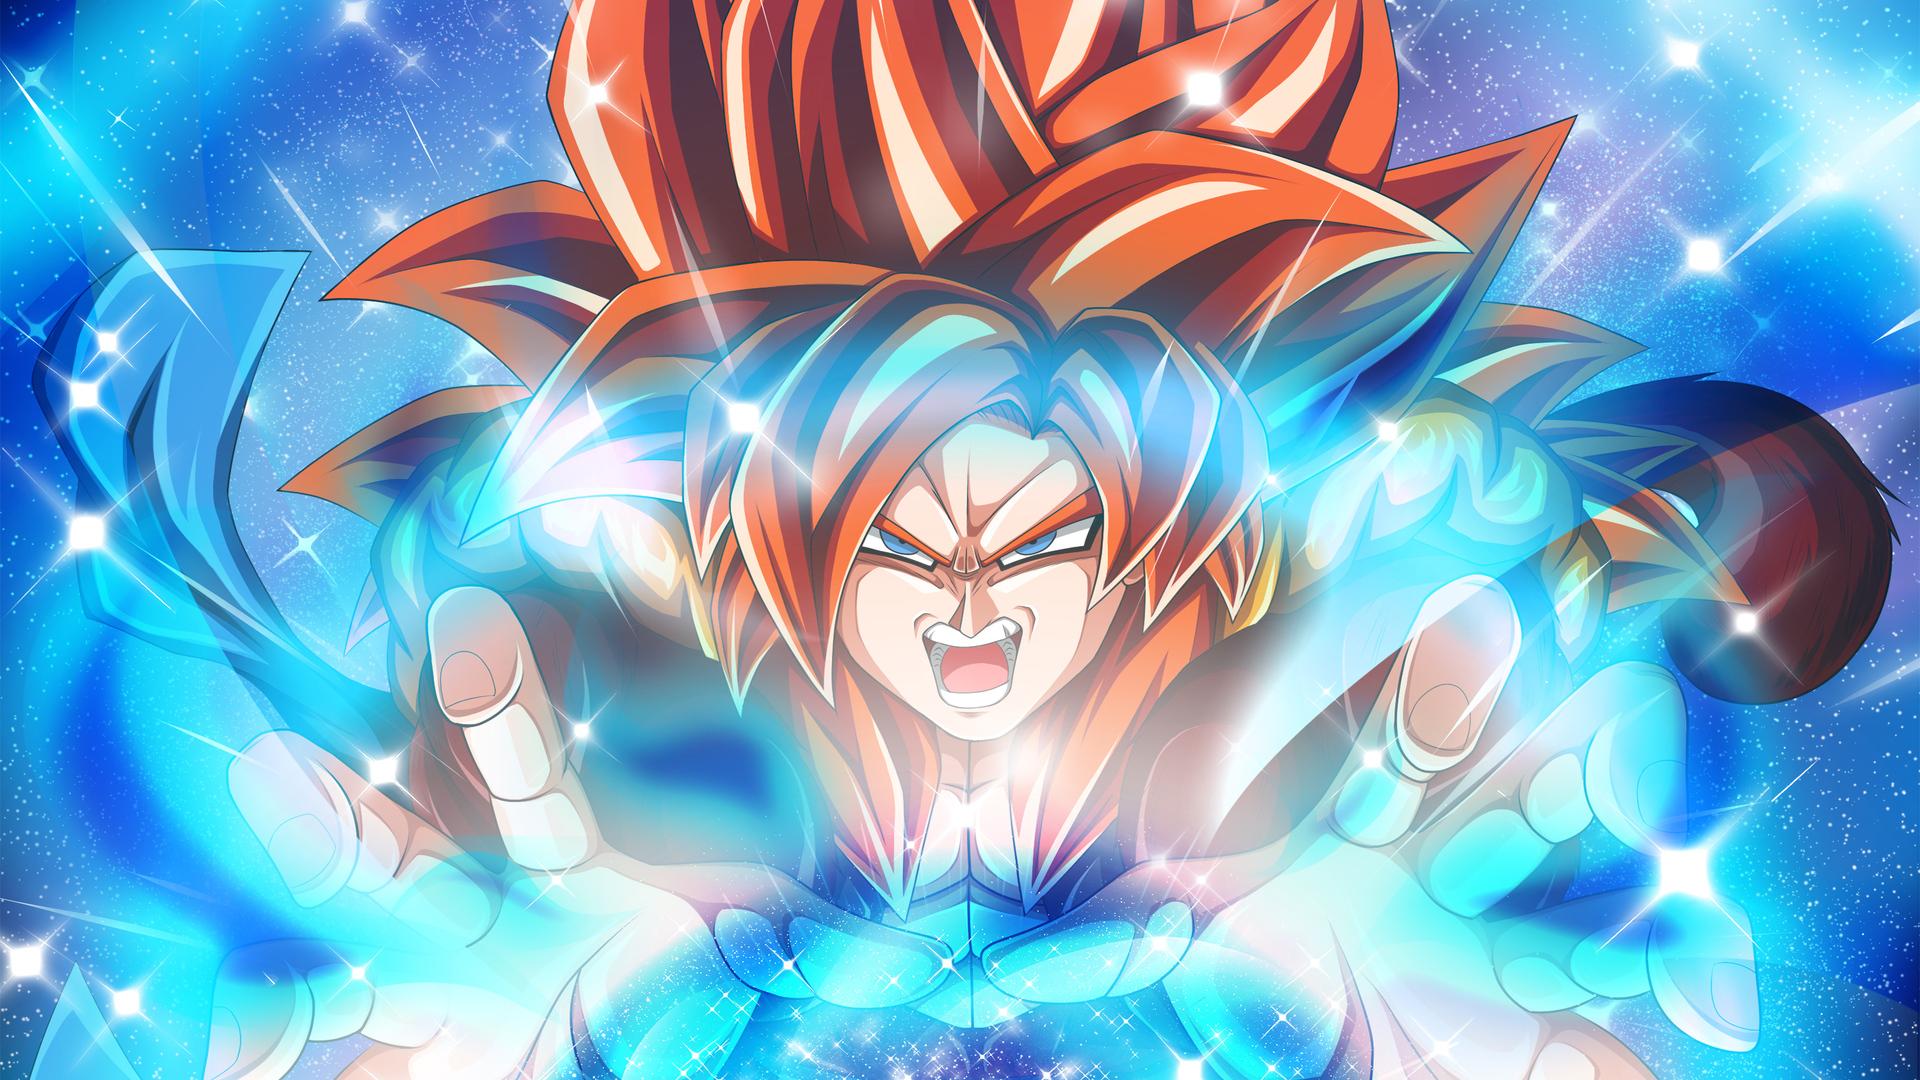 12 Anime 1080p Wallpaper 4k Anime Wallpaper